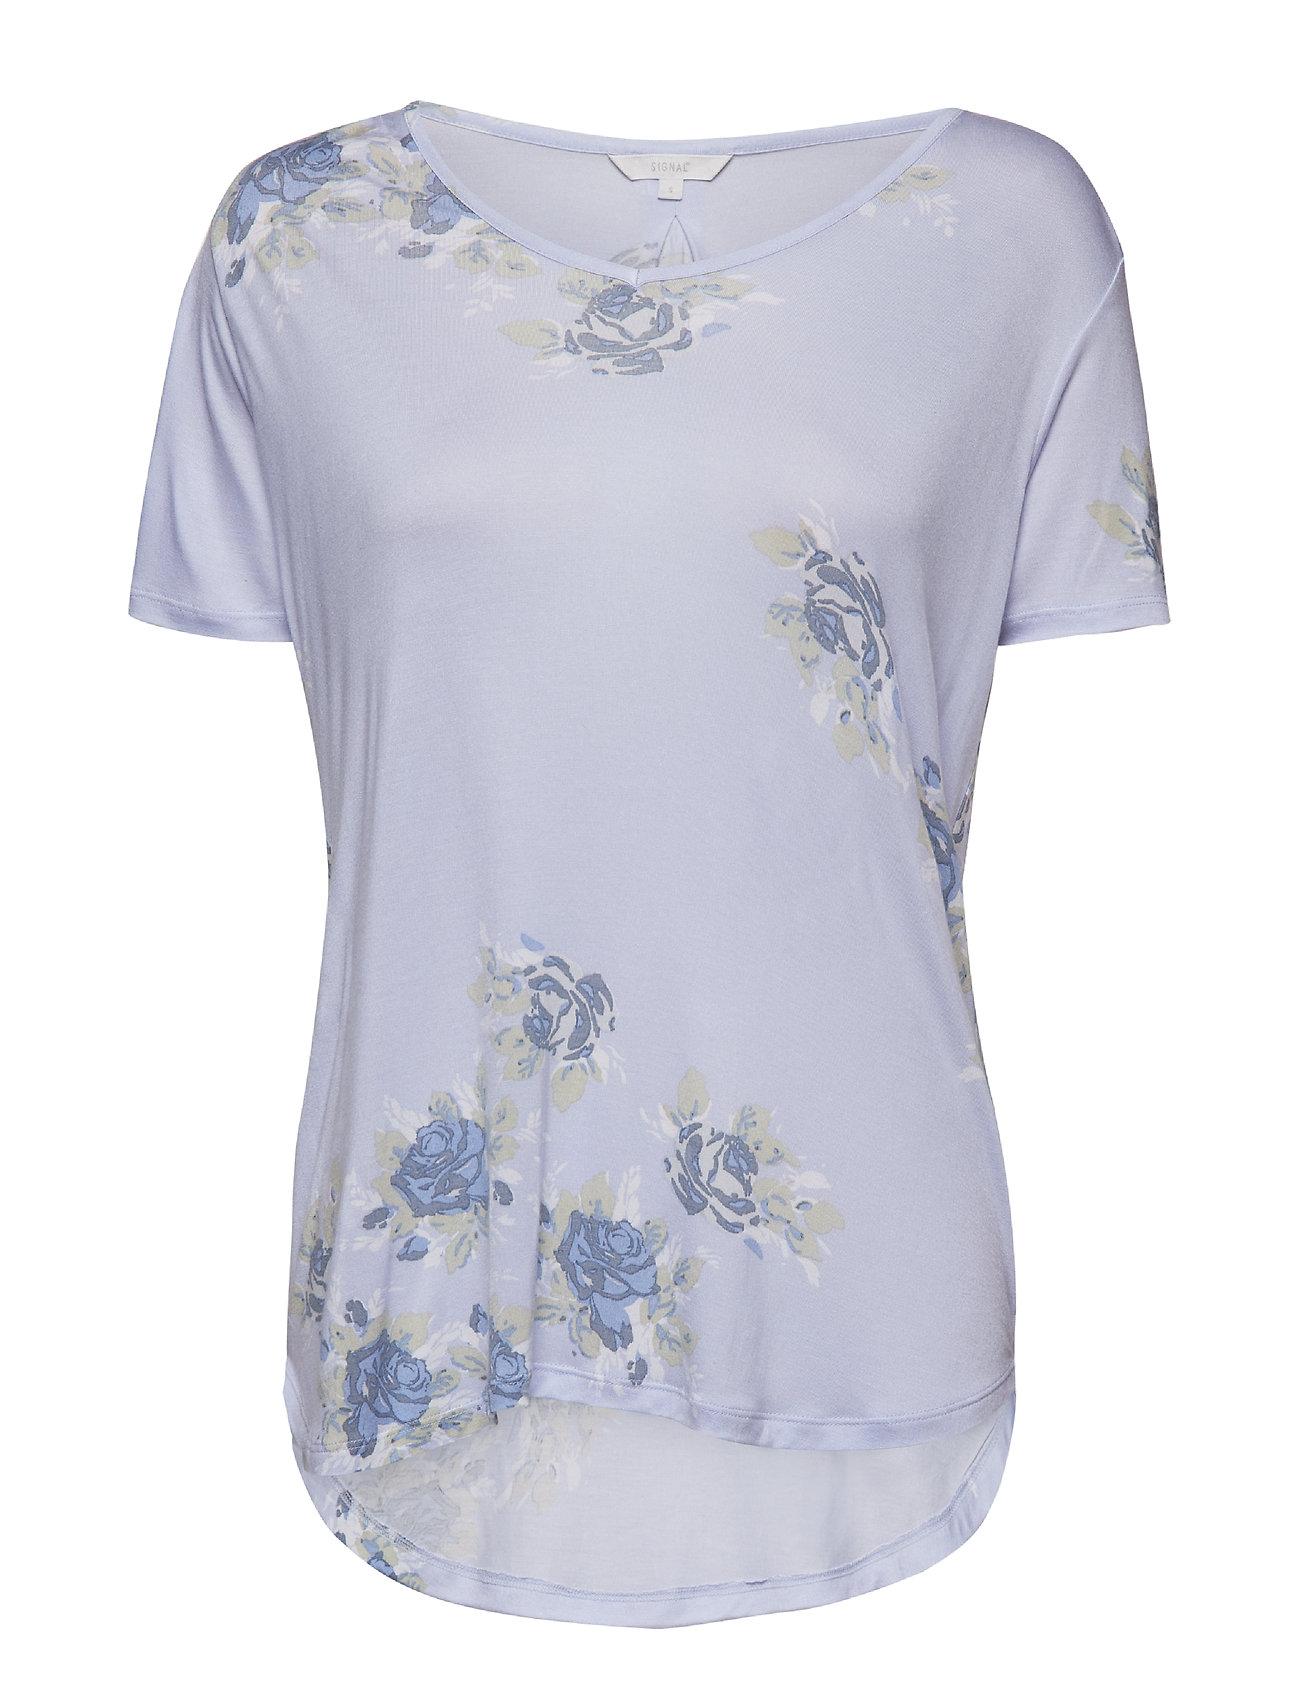 Signal T-shirt/Top - DESERT SAGE